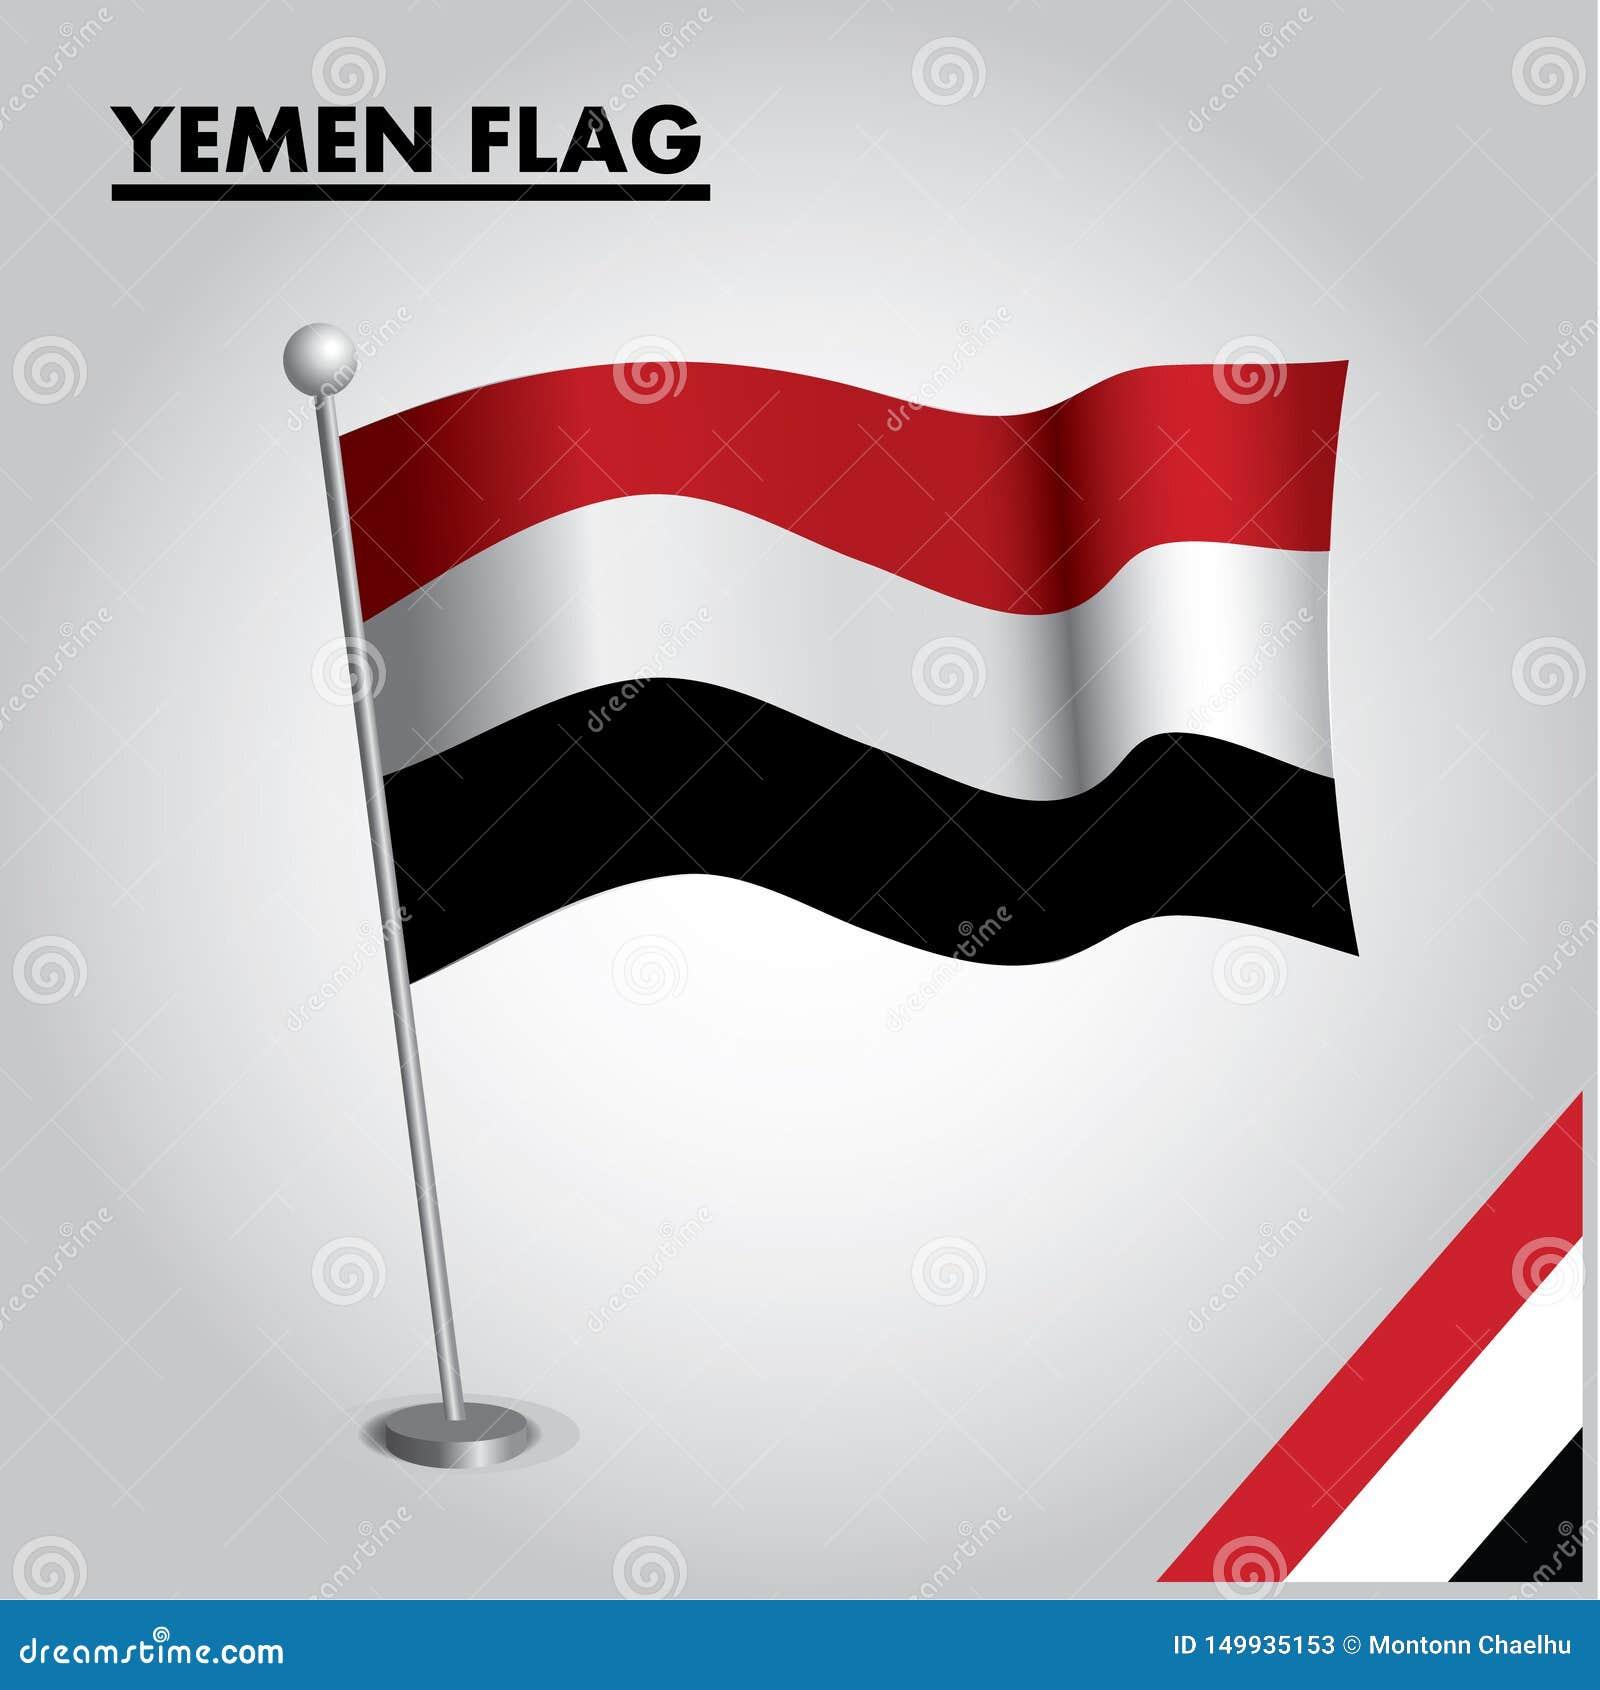 JEMEN-Flagge Staatsflagge vom JEMEN auf einem Pfosten